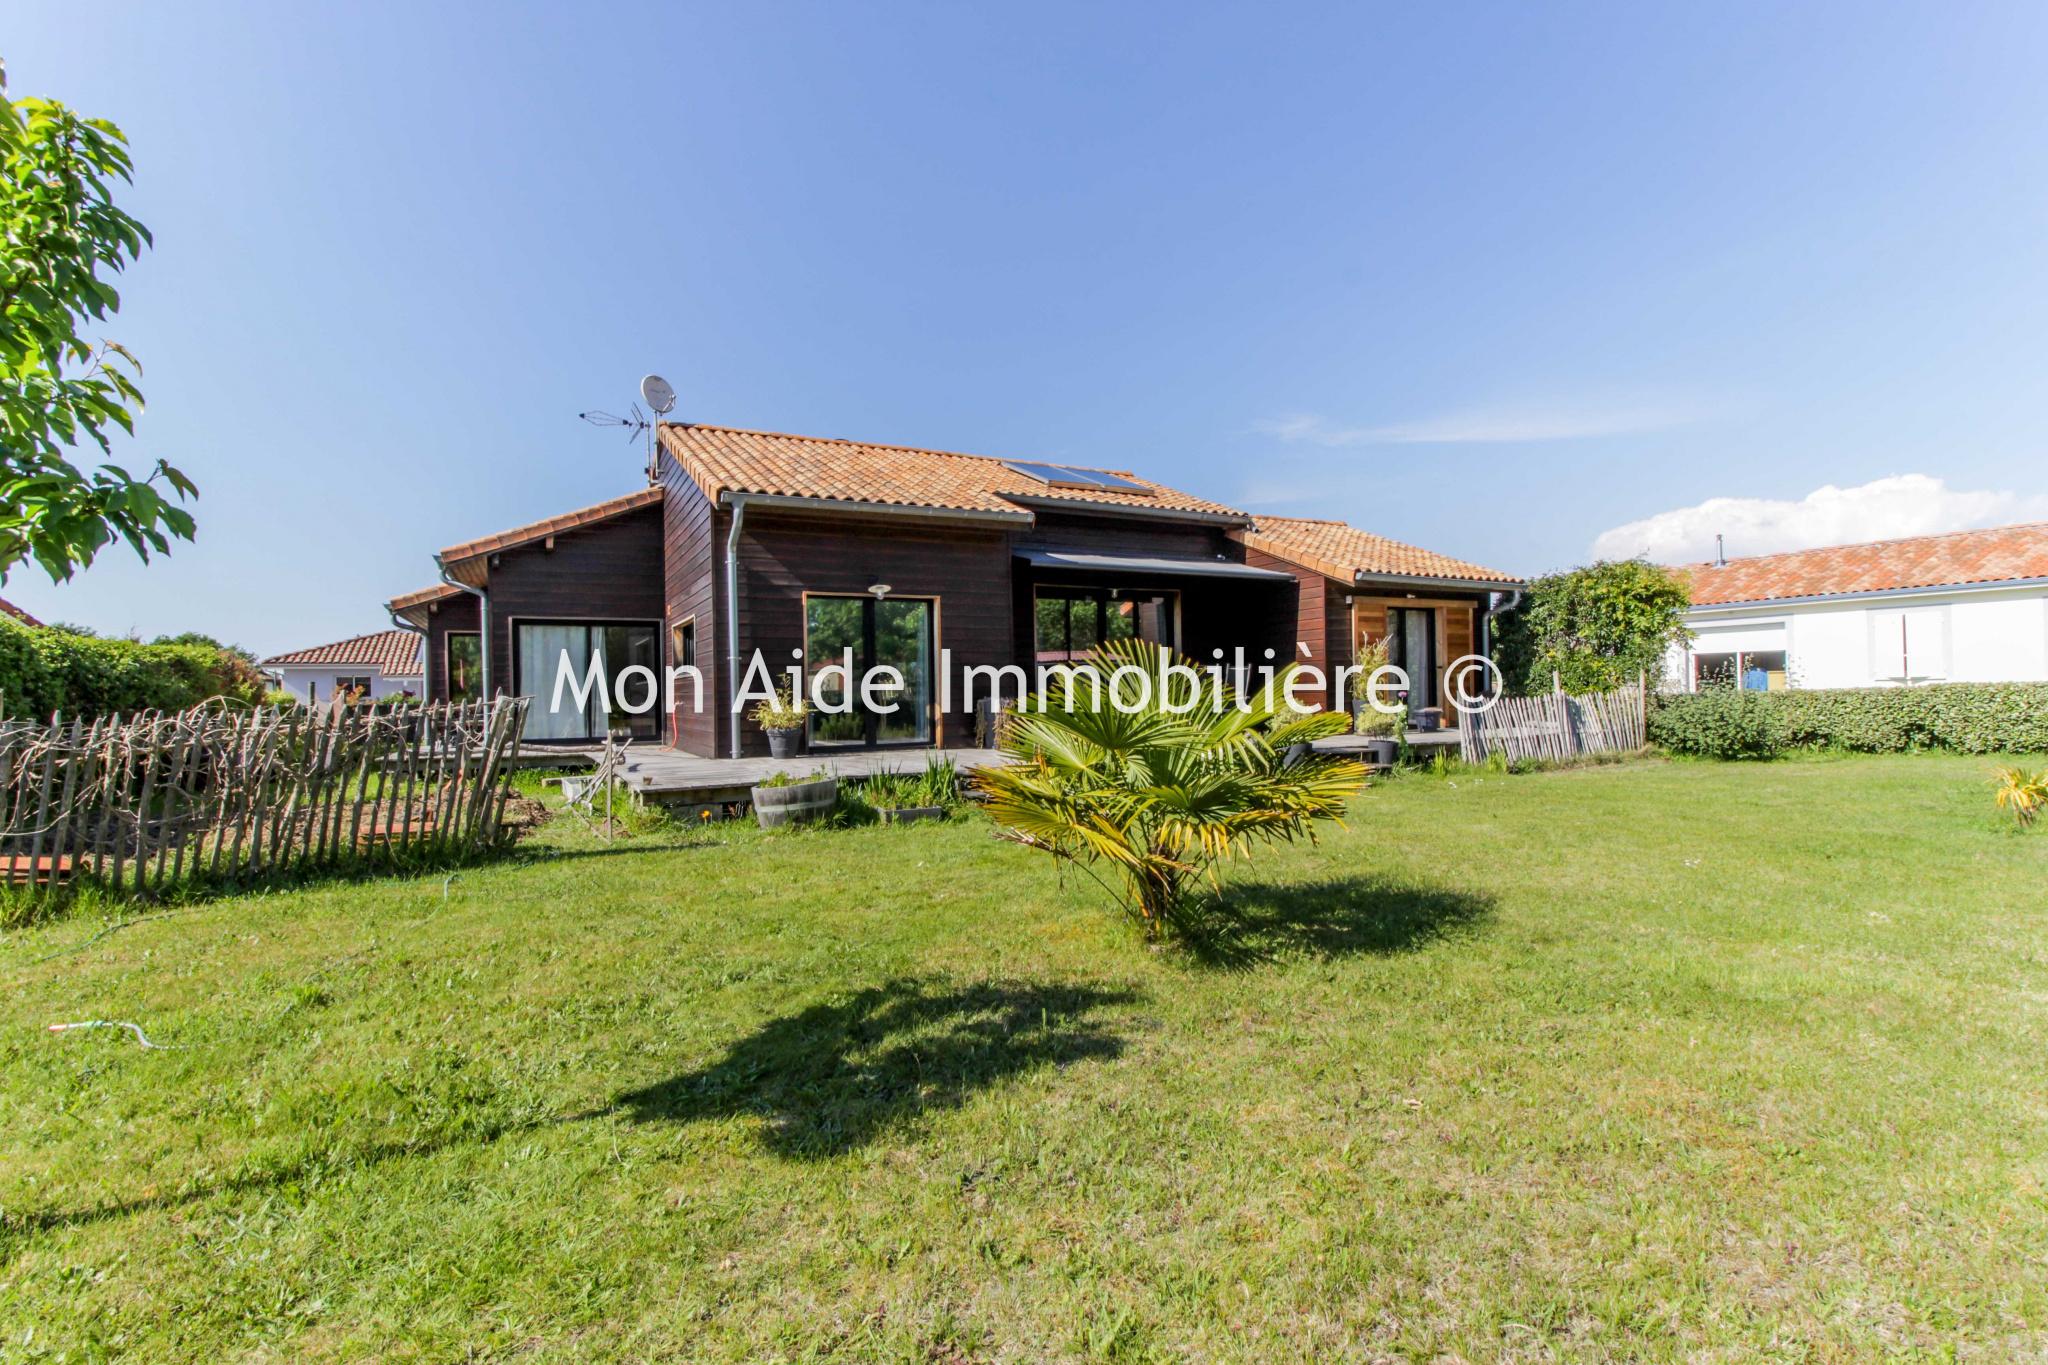 Maison Ossature Bois Vosges vente 100% entre particuliers. belle maison ossature bois